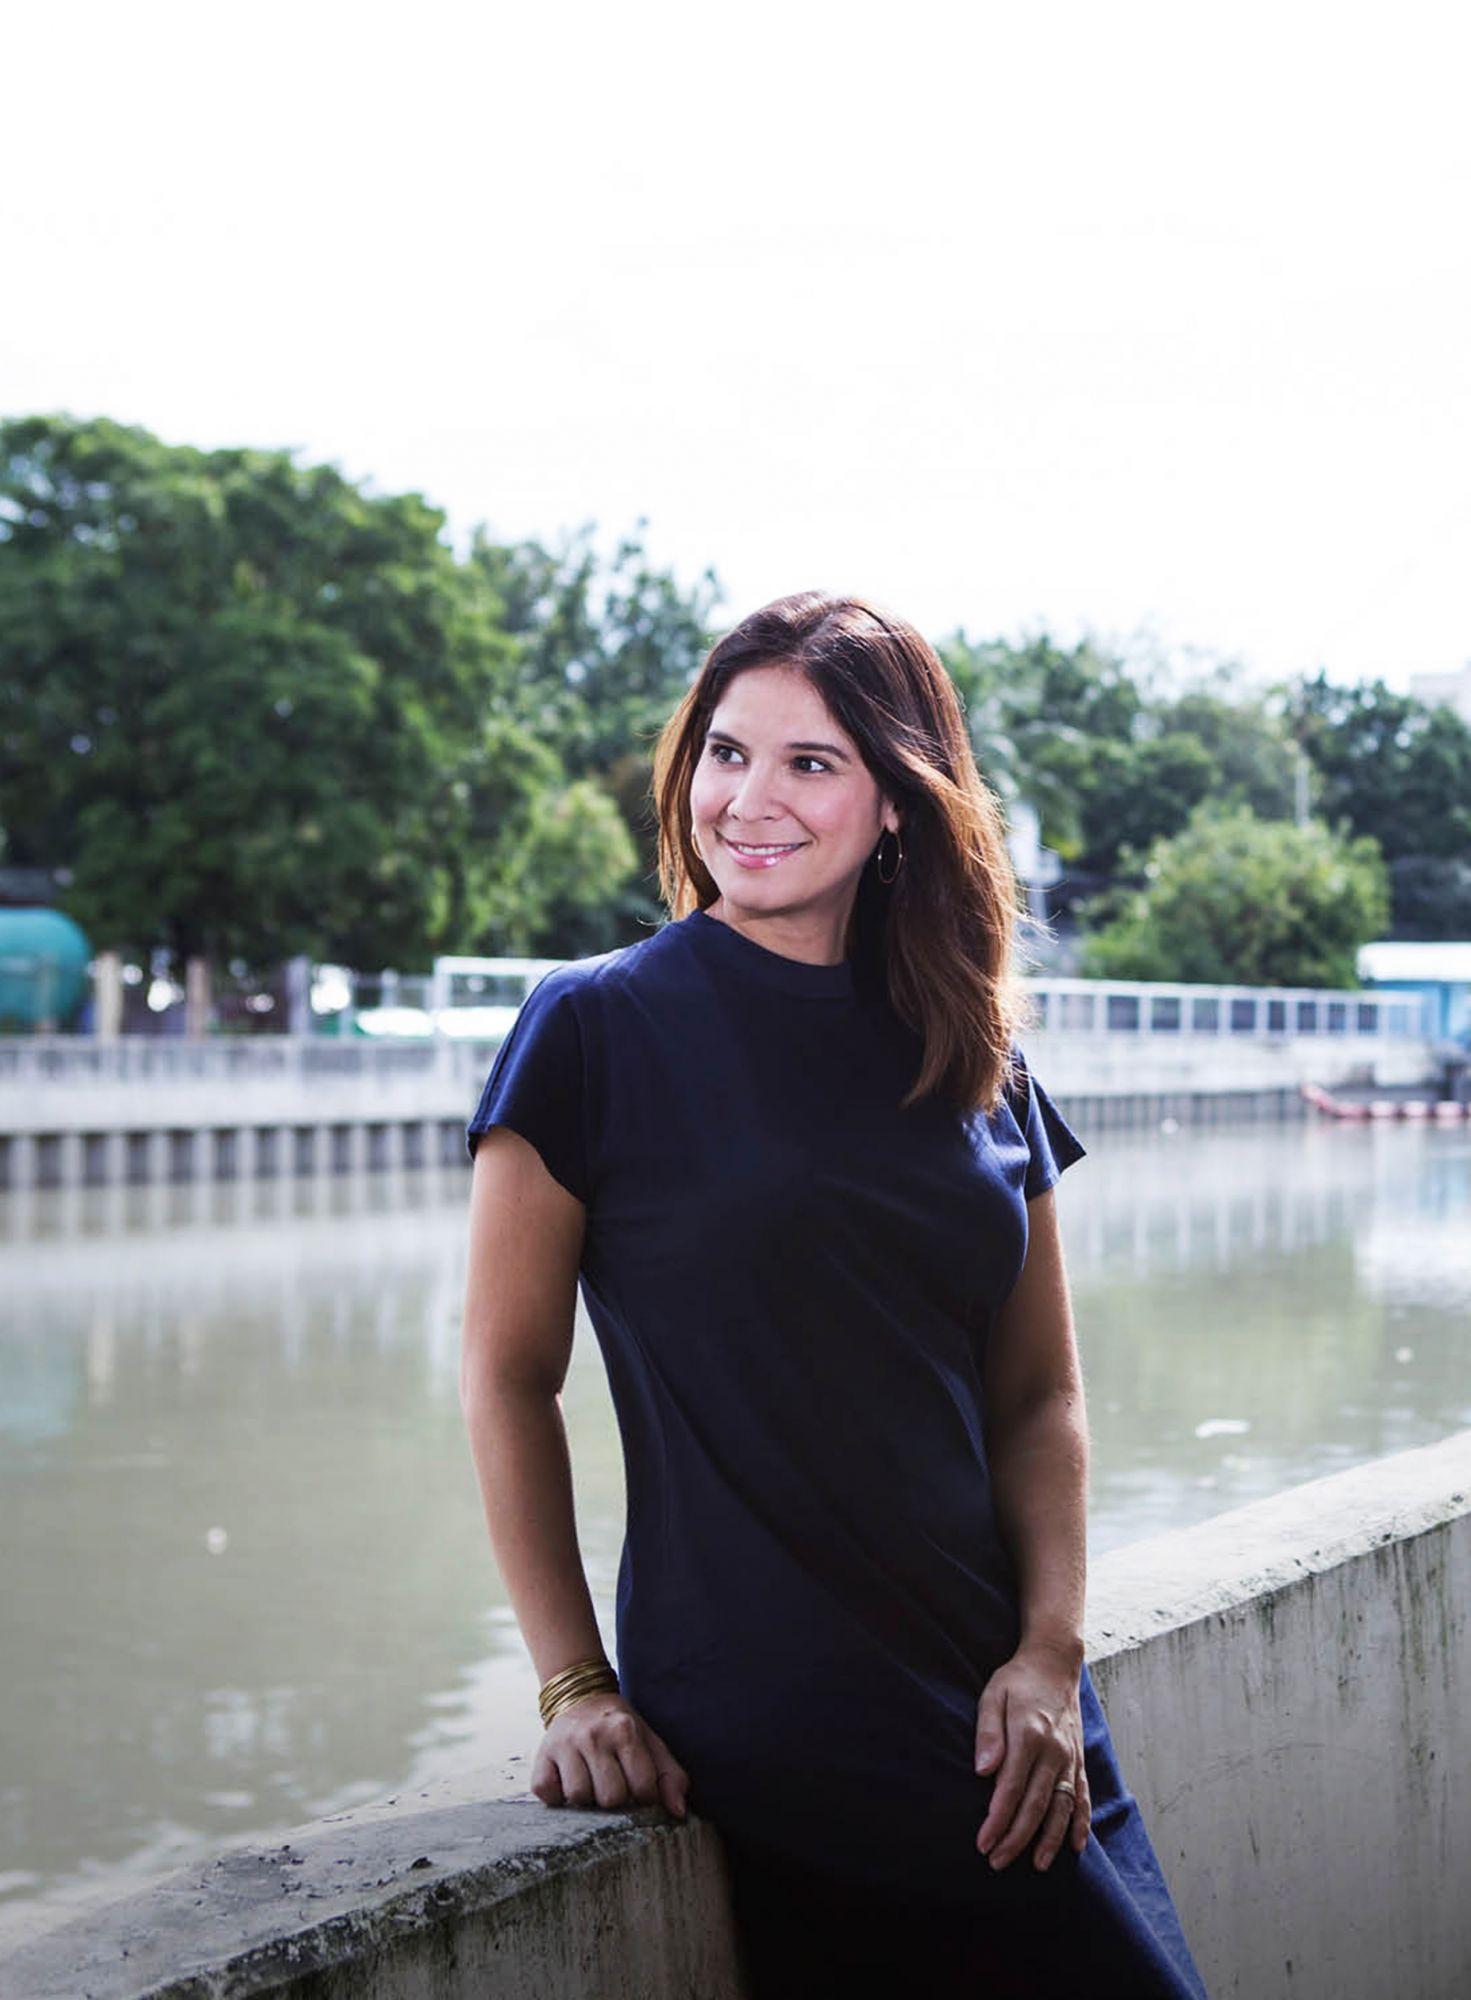 Julia Nebrija